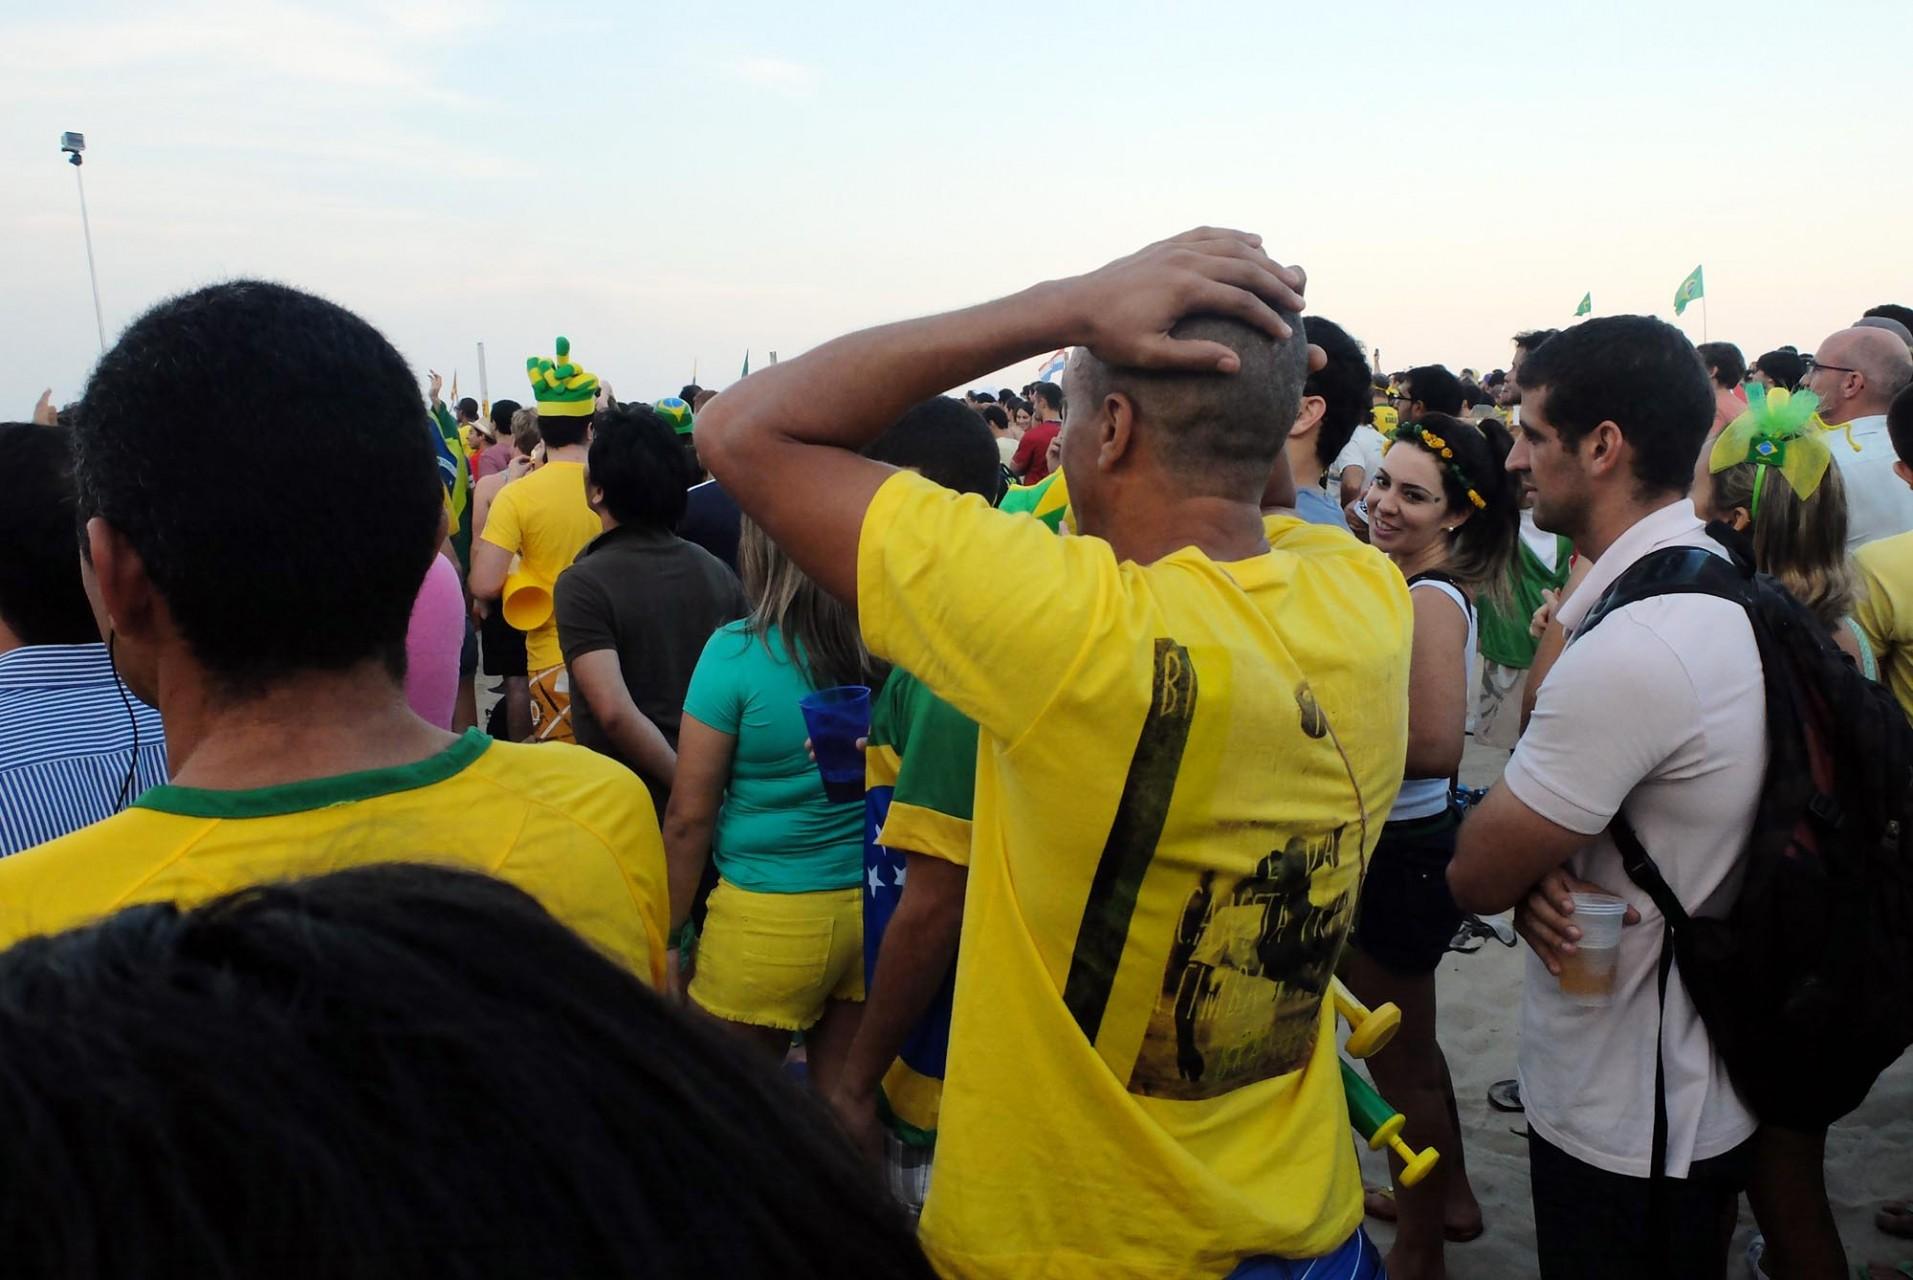 Brasil organiza este Mundial para ganarlo. Cualquier otro resultado será un fracaso.